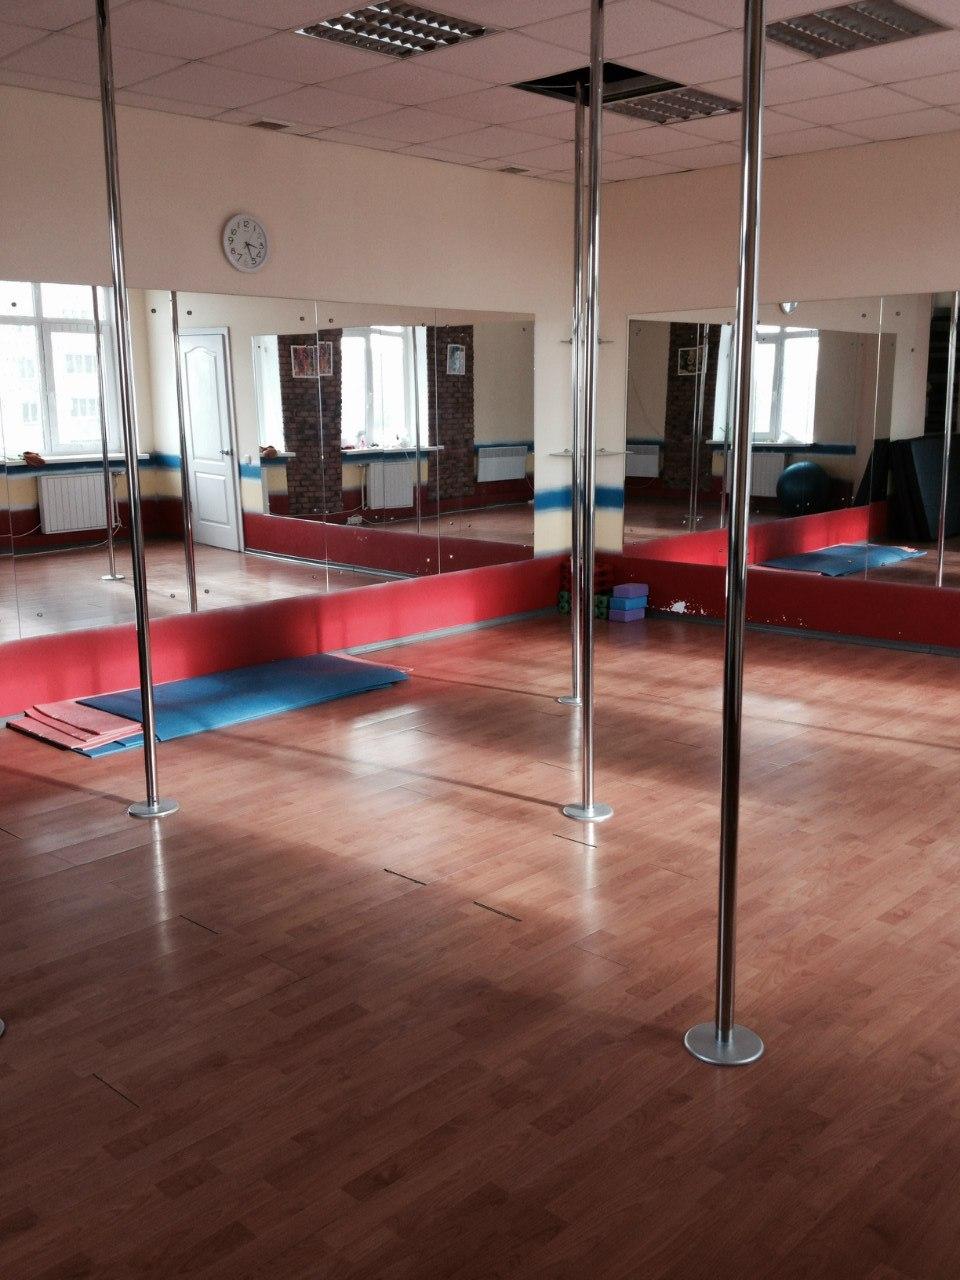 Аренда зала для индивидуального Pole dance в пол дэнс танцевальной студии Tim Pole Dance Studio